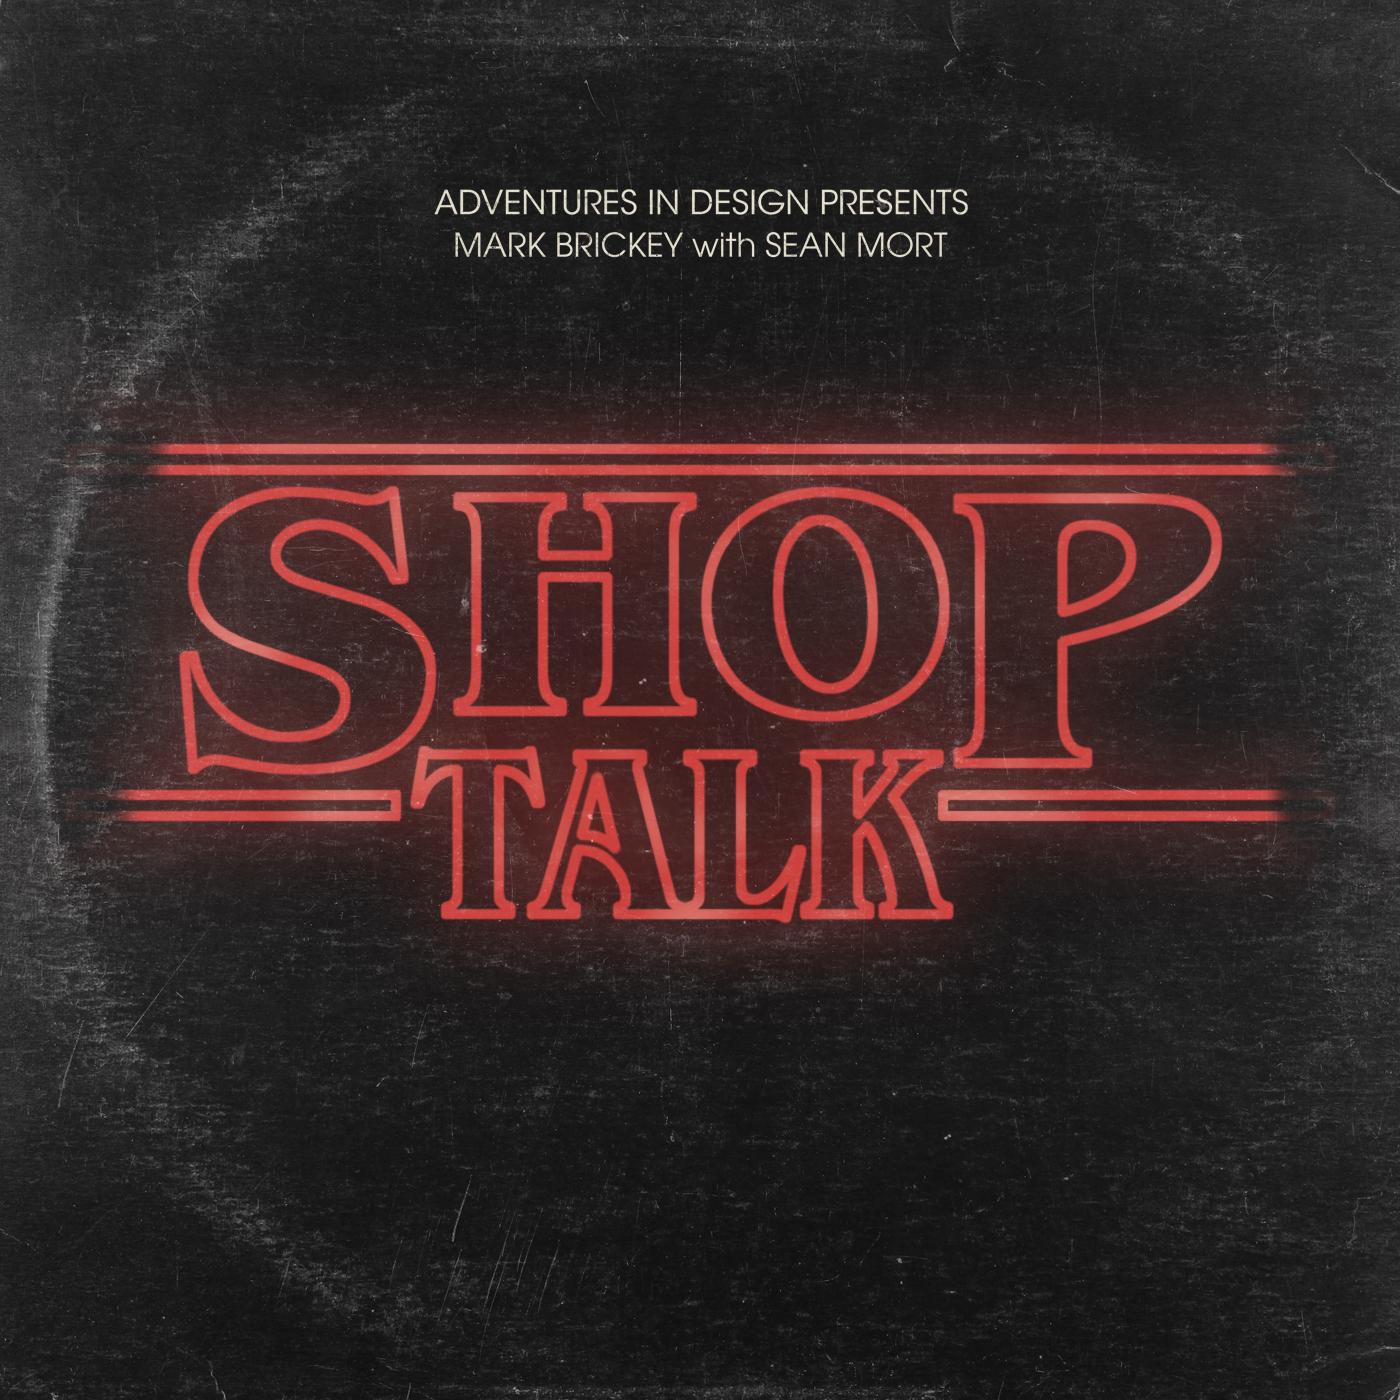 433 - Shop Talk with Sean Mort